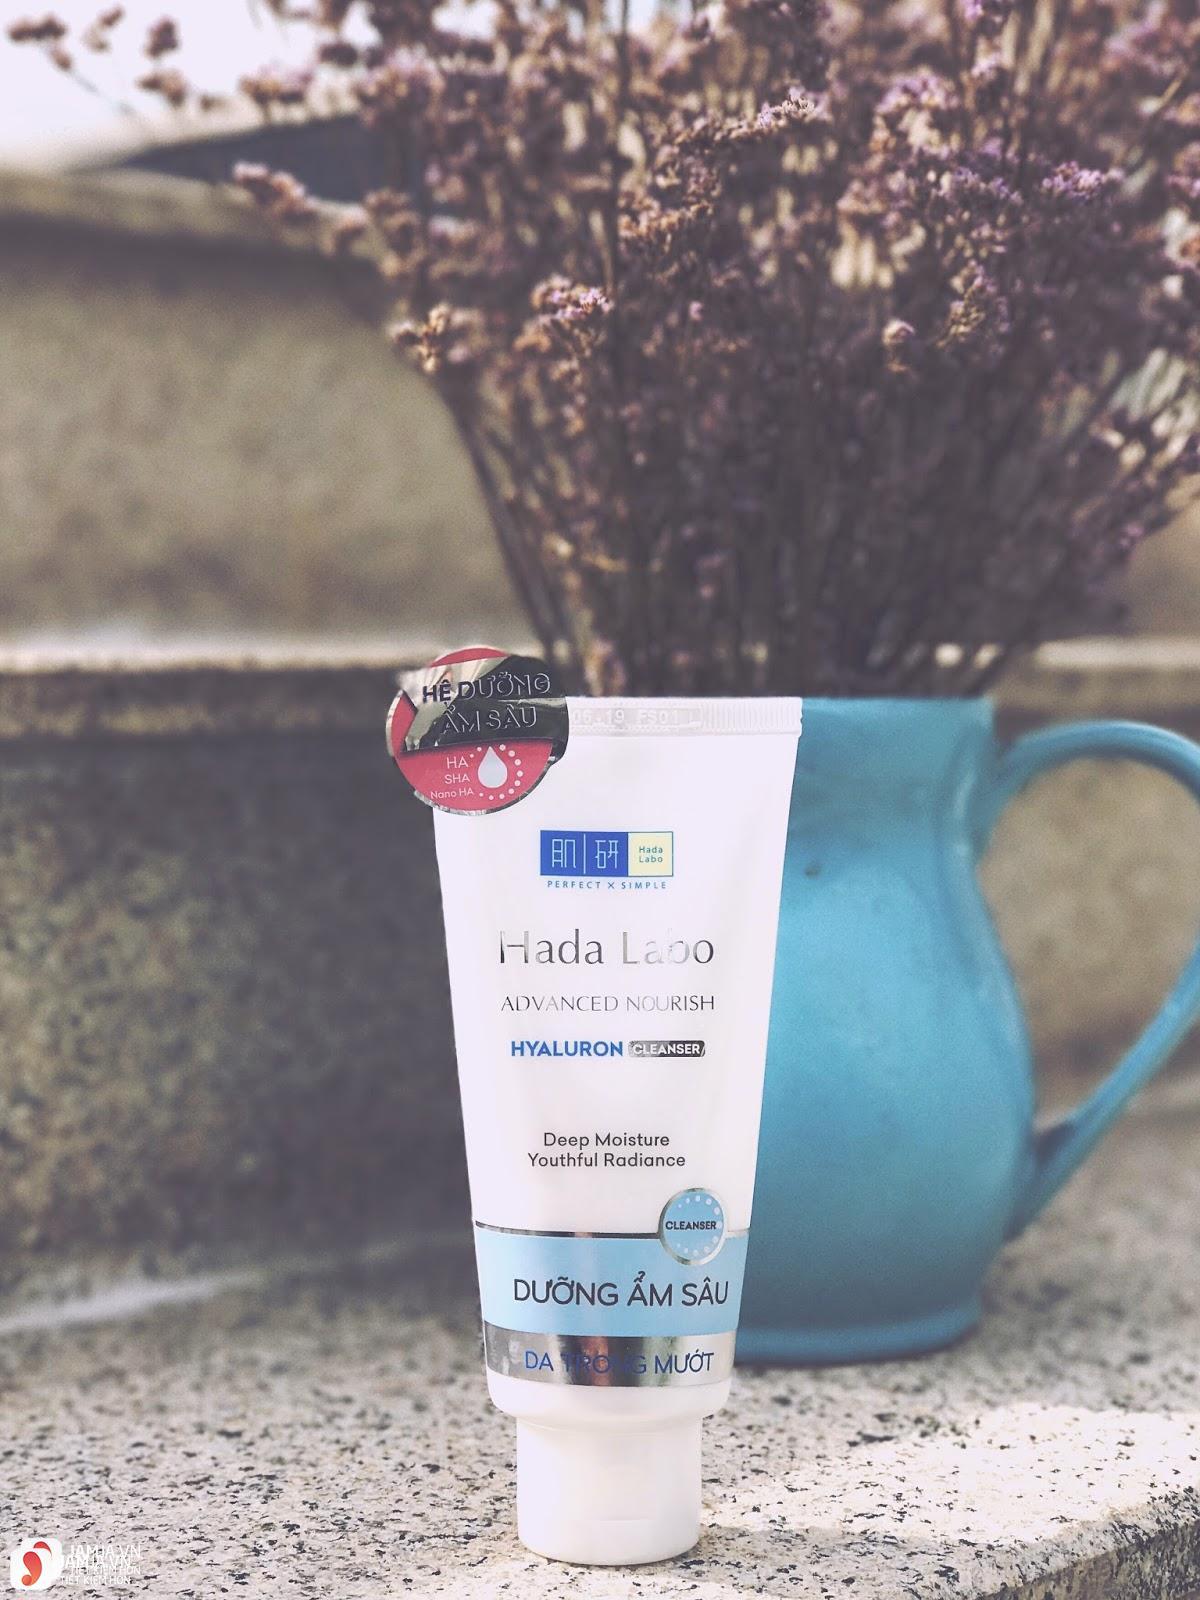 Sữa rửa mặt Hada Labo Advanced Nourish Hyaluron Cleanser 1